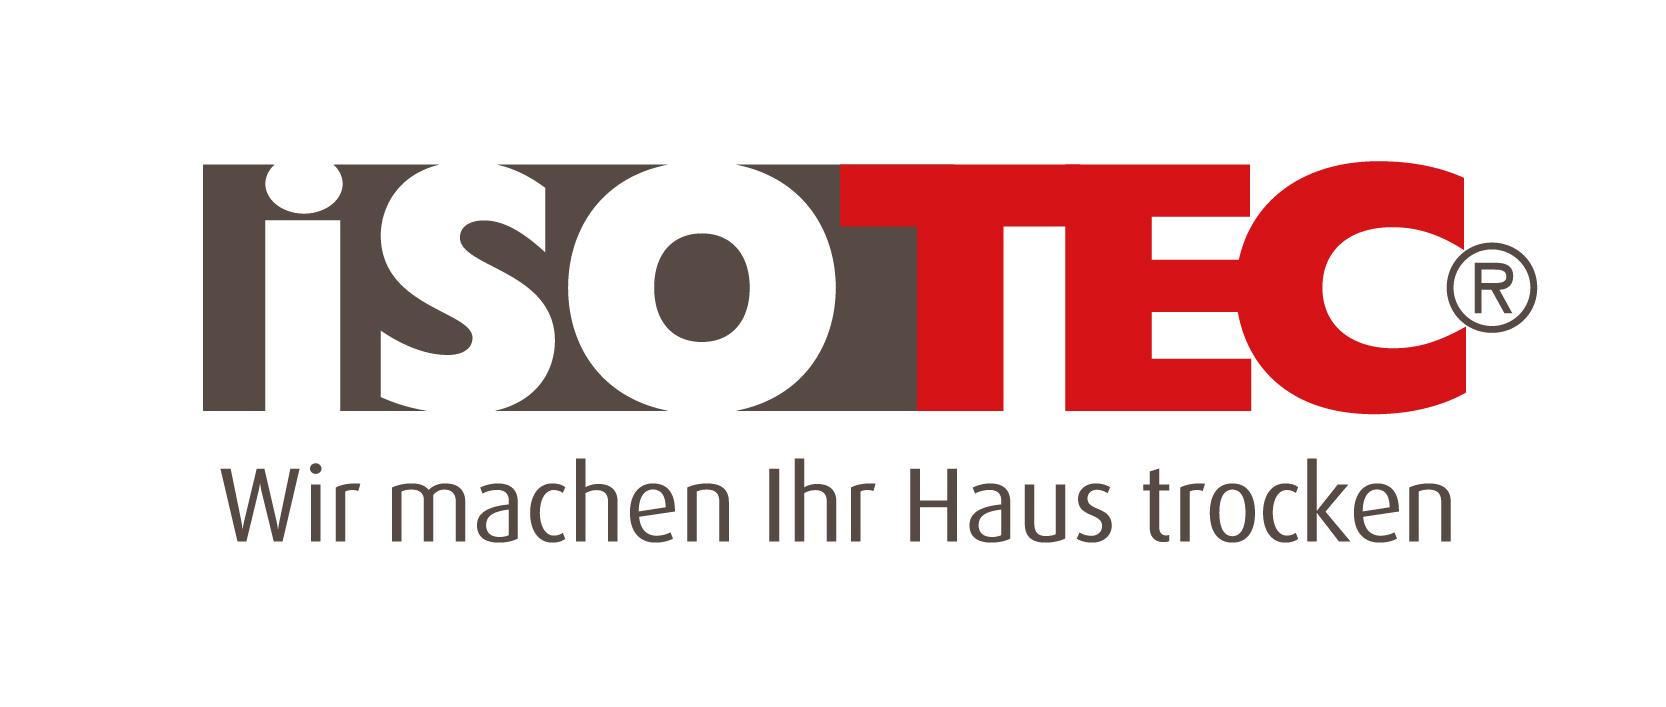 ISOTEC-Fachbetrieb Abdichtungstechnik Schiefelbein GmbH & Co. KG